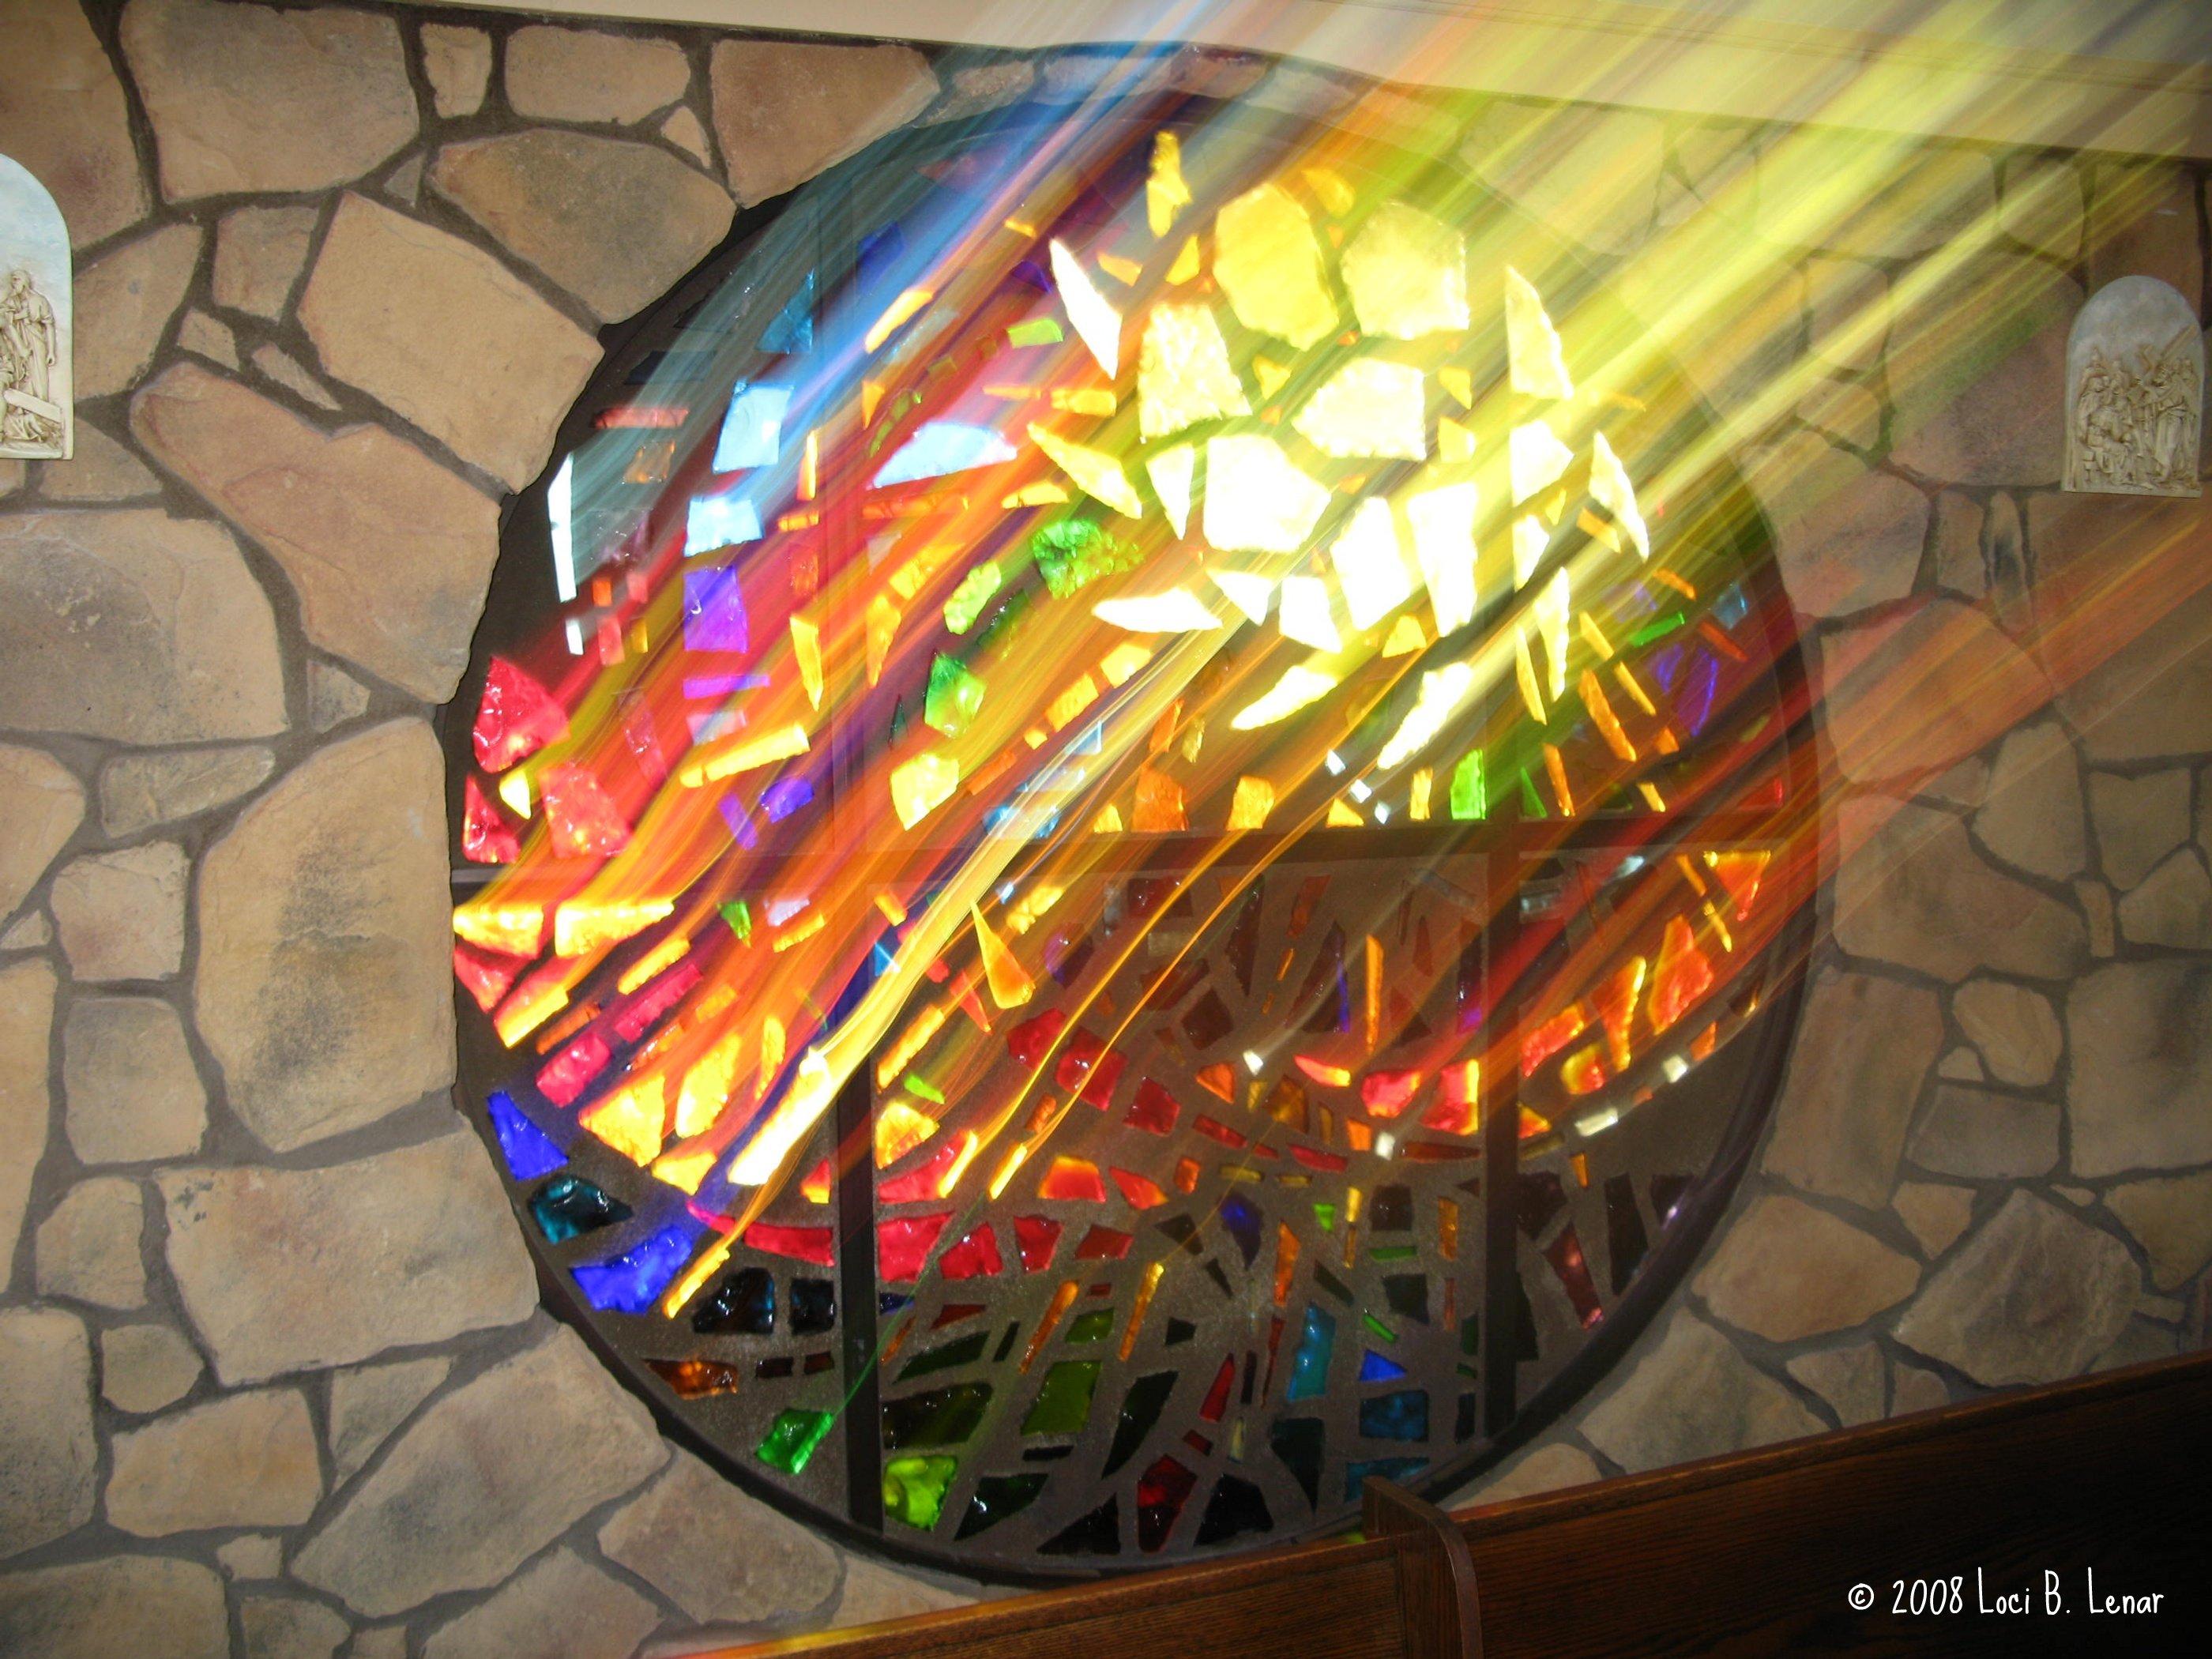 デスクトップ壁紙 ステンドグラス ガラス アート 窓 材料 2800x2100 デスクトップ壁紙 Wallhere